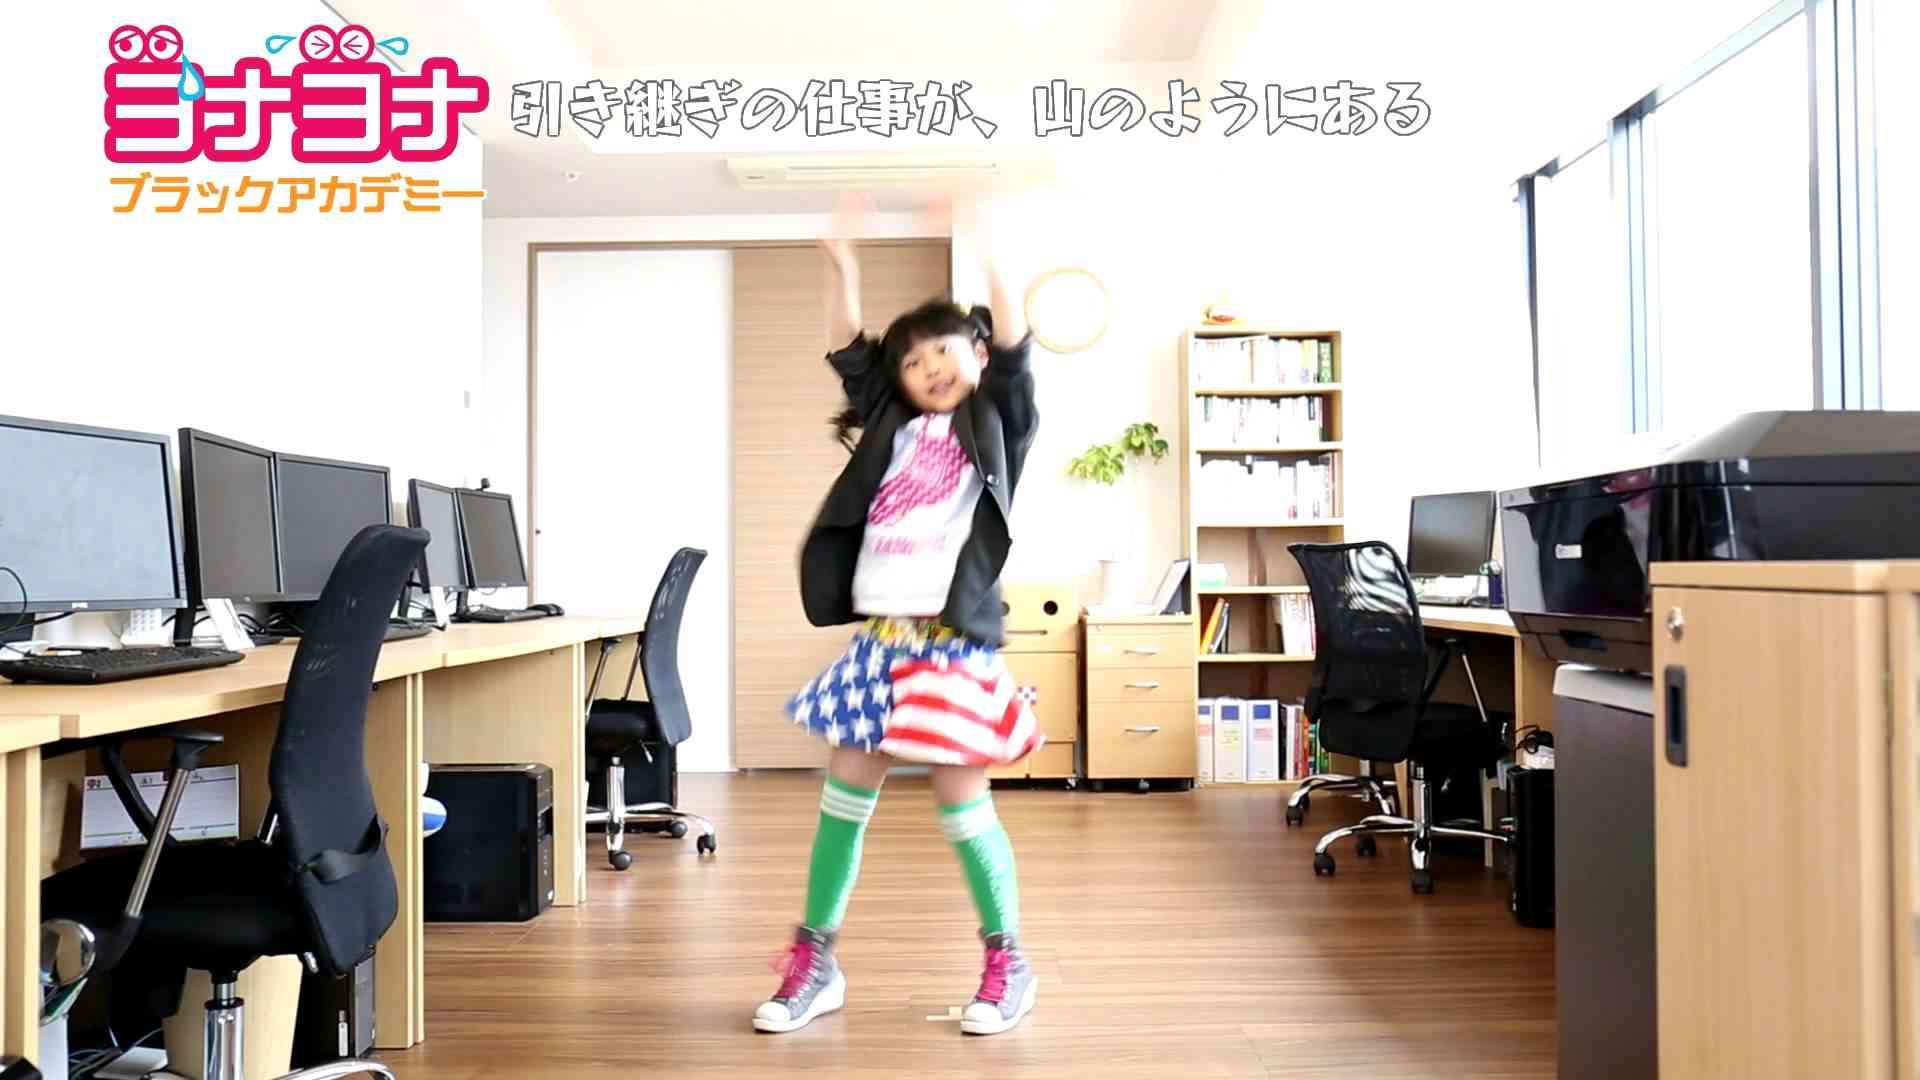 【りりり】 ヨナヨナ 【踊ってみた!】 - YouTube